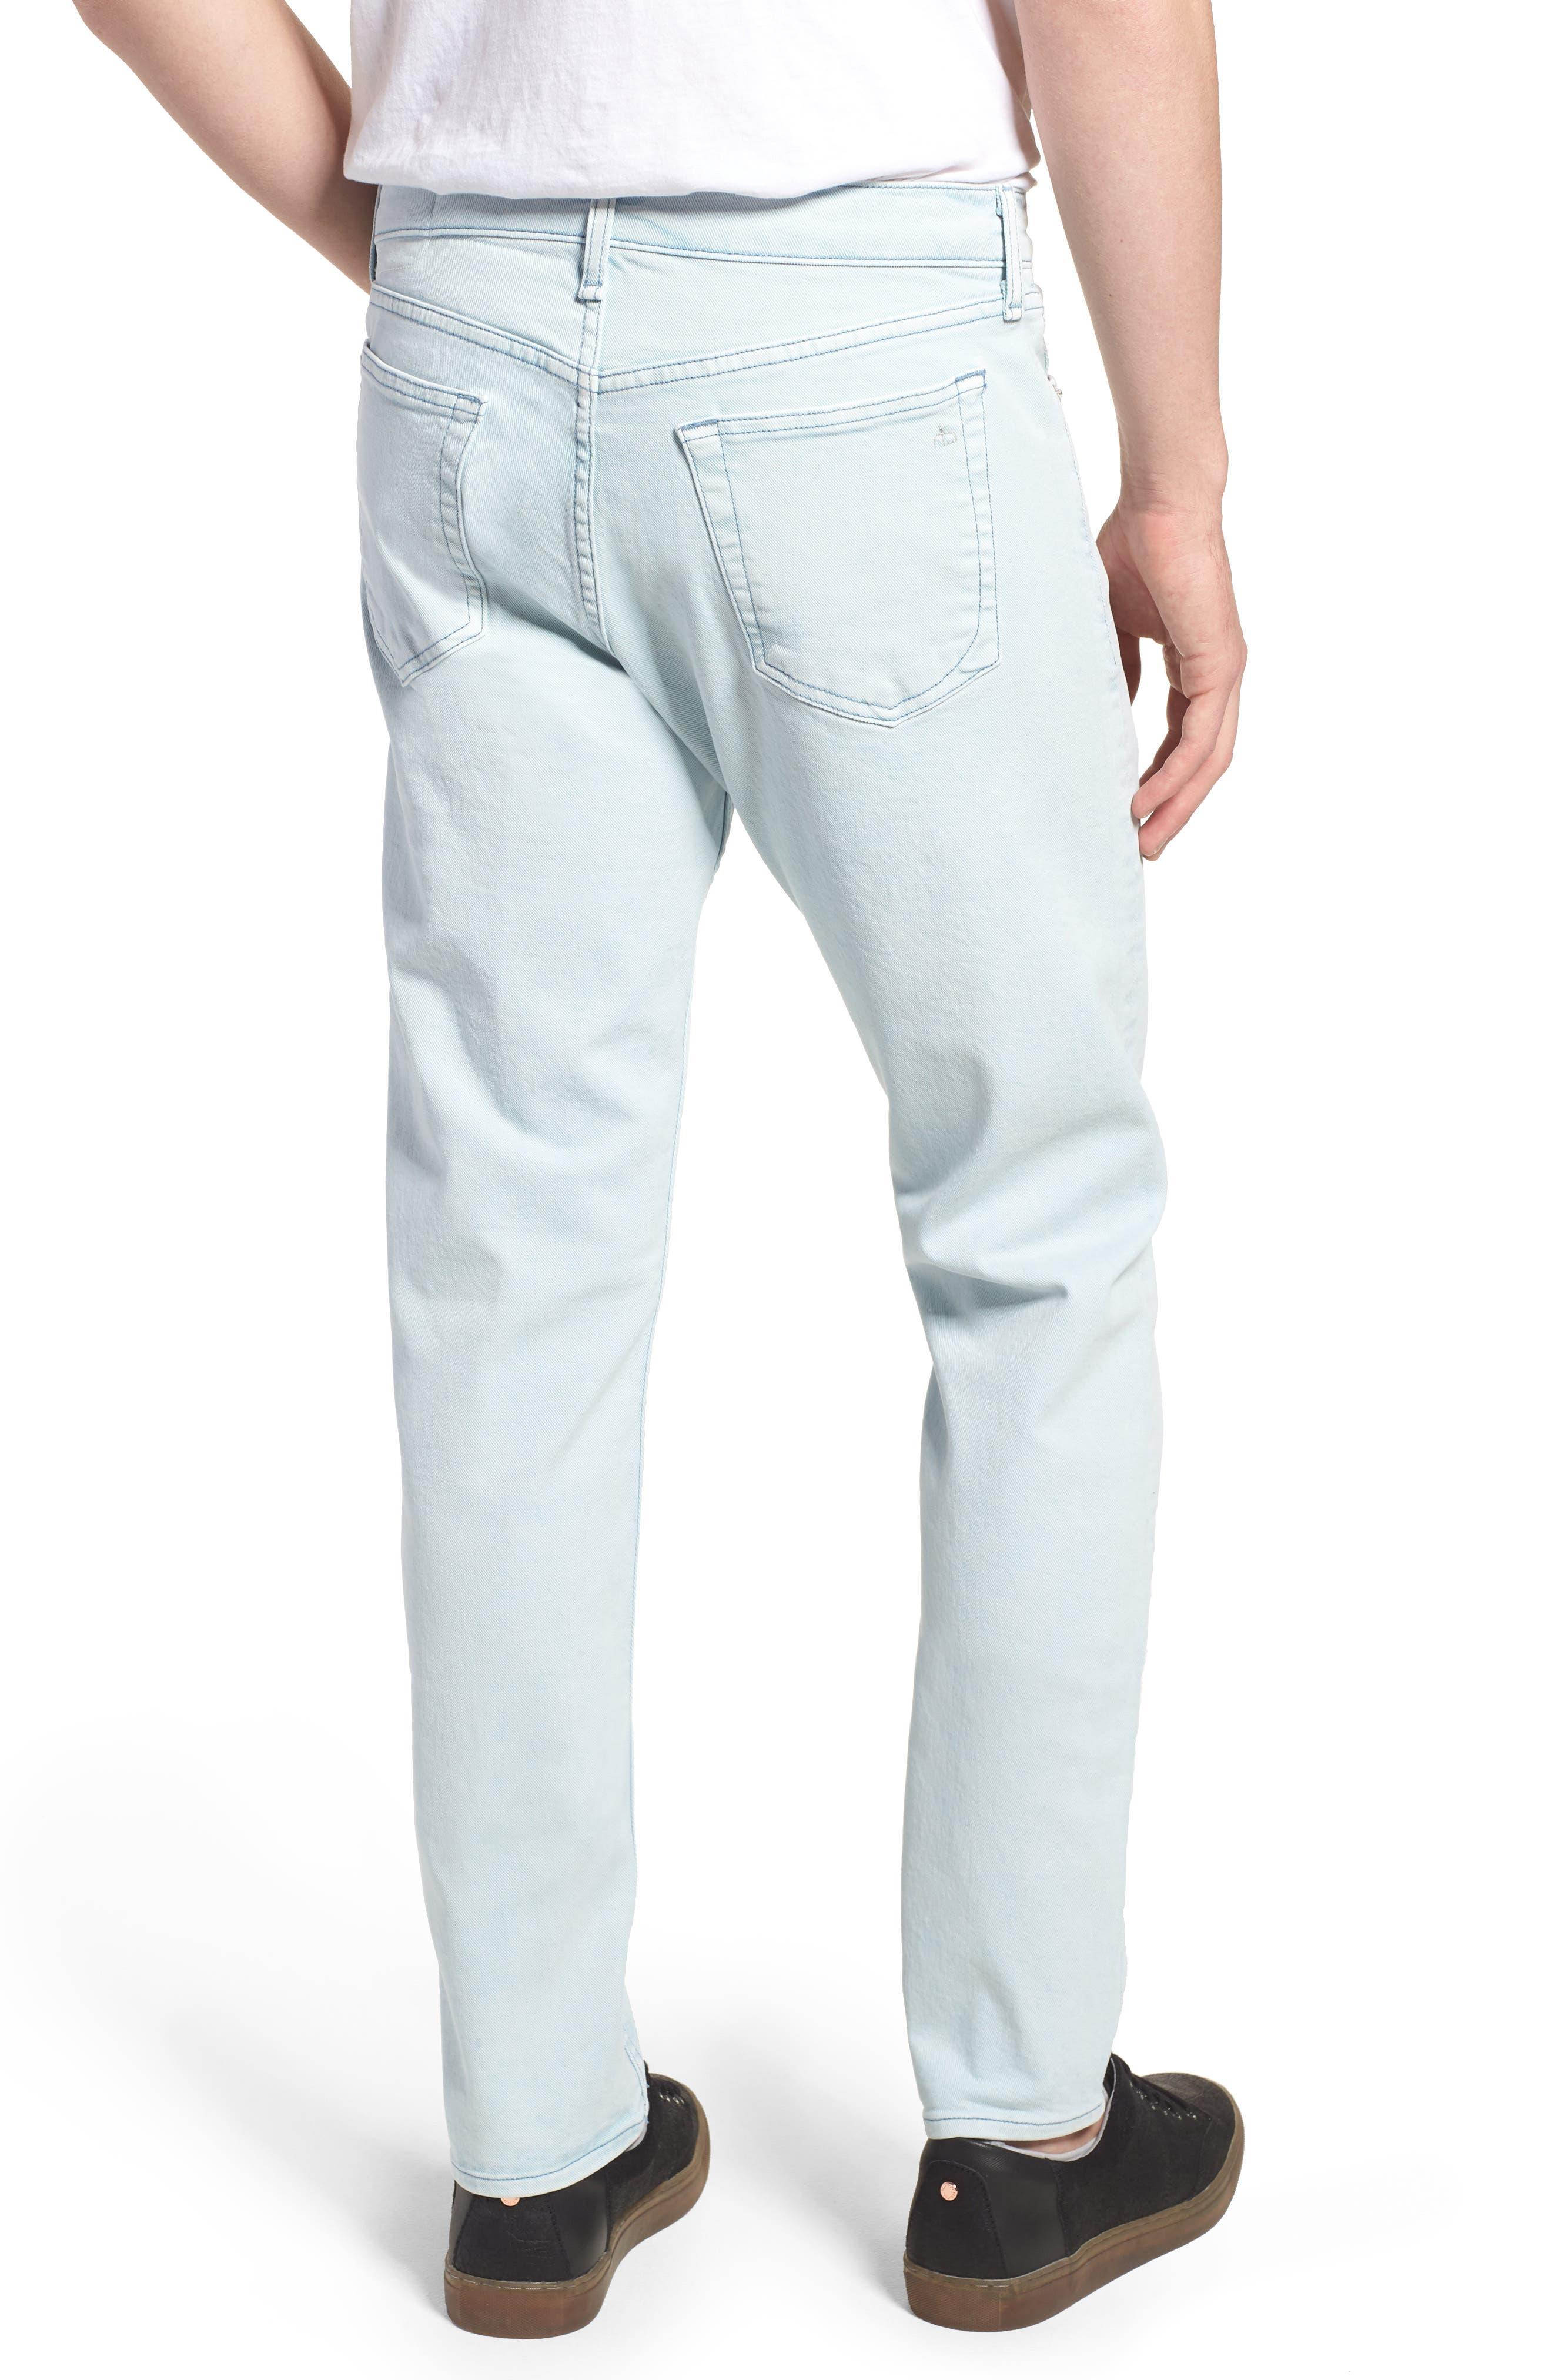 Fit 2 Slim Fit Jeans,                             Alternate thumbnail 2, color,                             Light Blue Pigment